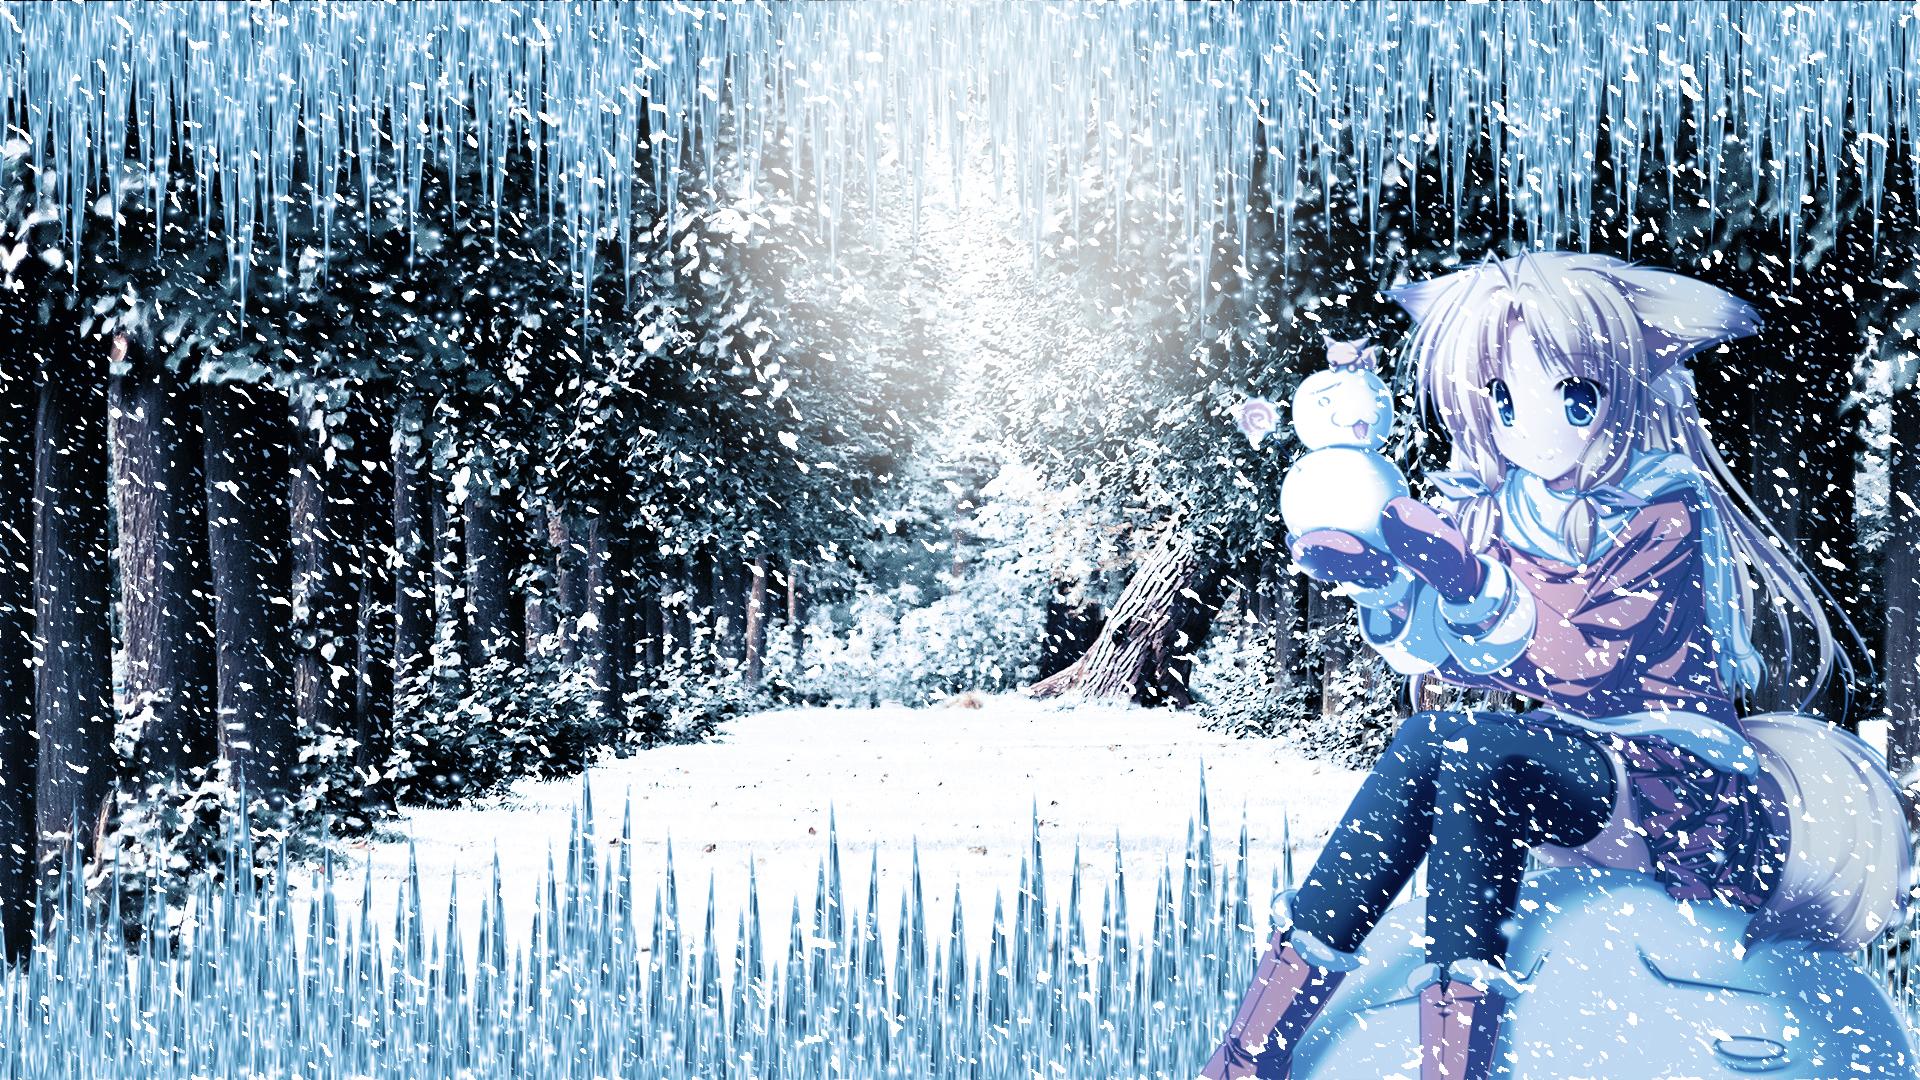 Winter Anime Girl Wallpaper: Snown Anime Girl Wallpaper HD By Ponydesign0 On DeviantArt